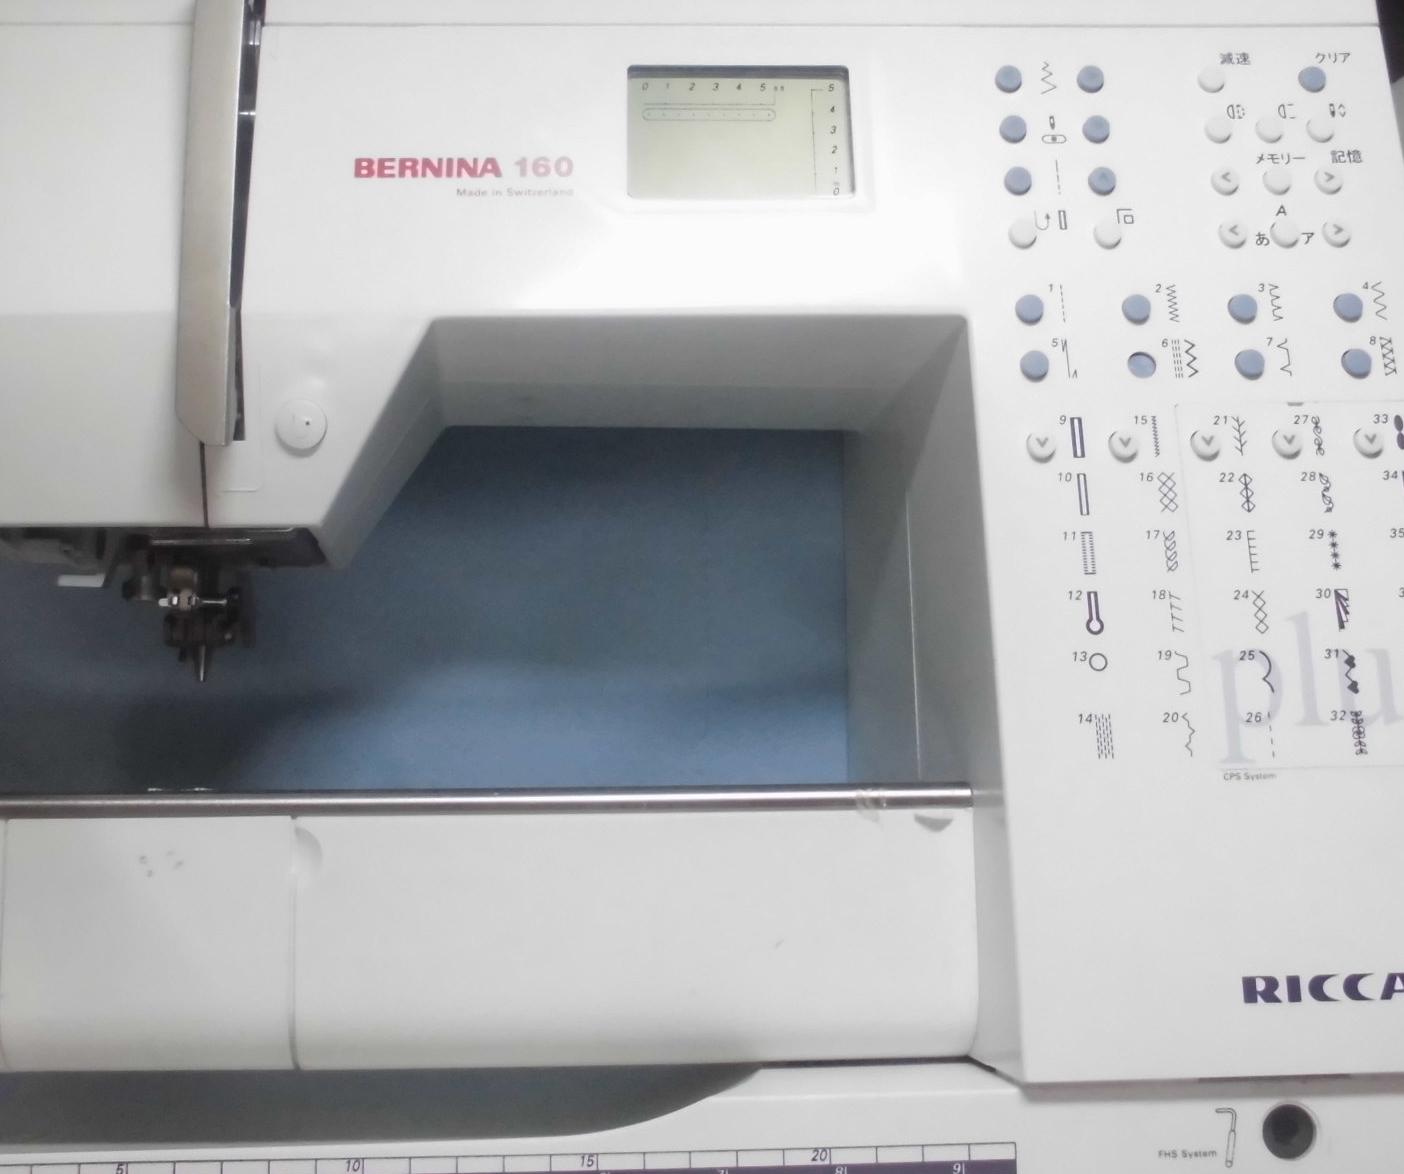 ベルニナミシンの修理|ビルティオーゾ160|ボタンホールが縫えない、動作不良